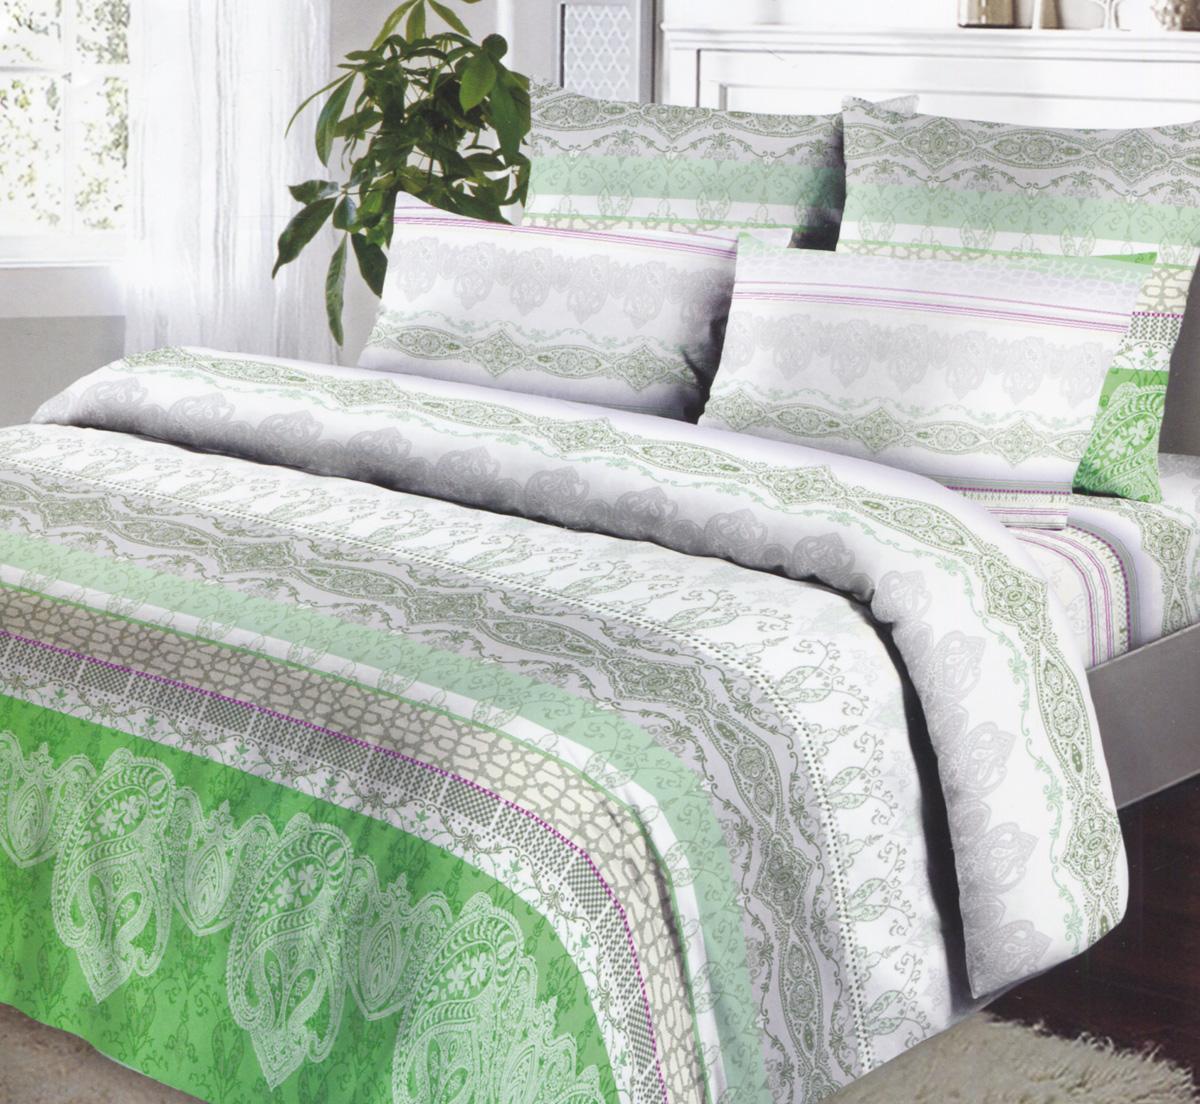 Комплект белья Коллекция Эстетика, 1,5-спальный, наволочки 70х70, цвет: зеленый, серый, белыйCLP446Комплект постельного белья Коллекция Эстетика является экологически безопасным для всей семьи, так как выполнен из бязи (100% натурального хлопка), что гарантирует крепкий и здоровый сон. Комплект состоит из пододеяльника, простыни и двух наволочек. Постельное белье, оформленное оригинальными цветочными узорами, послужит прекрасным дополнением к интерьеру вашей спальной комнаты.Гладкая структура делает ткань приятной на ощупь, мягкой и нежной, при этом она прочная и хорошо сохраняет форму. Ткань легко гладится. Благодаря такому комплекту постельного белья вы сможете создать атмосферу роскоши и романтики в вашей спальне. Бязь - хлопчатобумажная плотная ткань полотняного переплетения. Отличается прочностью и стойкостью к многочисленным стиркам. Бязь считается одной из наиболее подходящих тканей, для производства постельного белья и пользуется в России большим спросом.